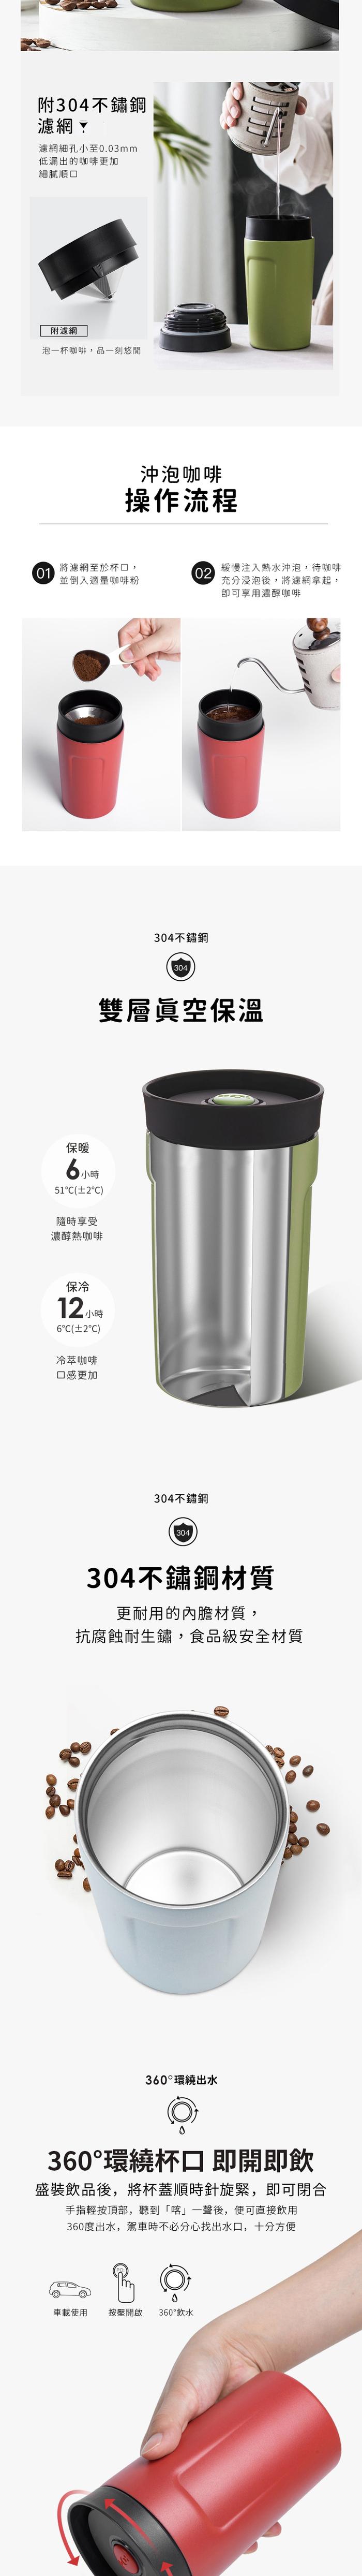 (複製)PO:Selected 丹麥DIY手沖咖啡二件組 (手沖咖啡壺-灰/咖啡玻璃杯350ml-黑灰)